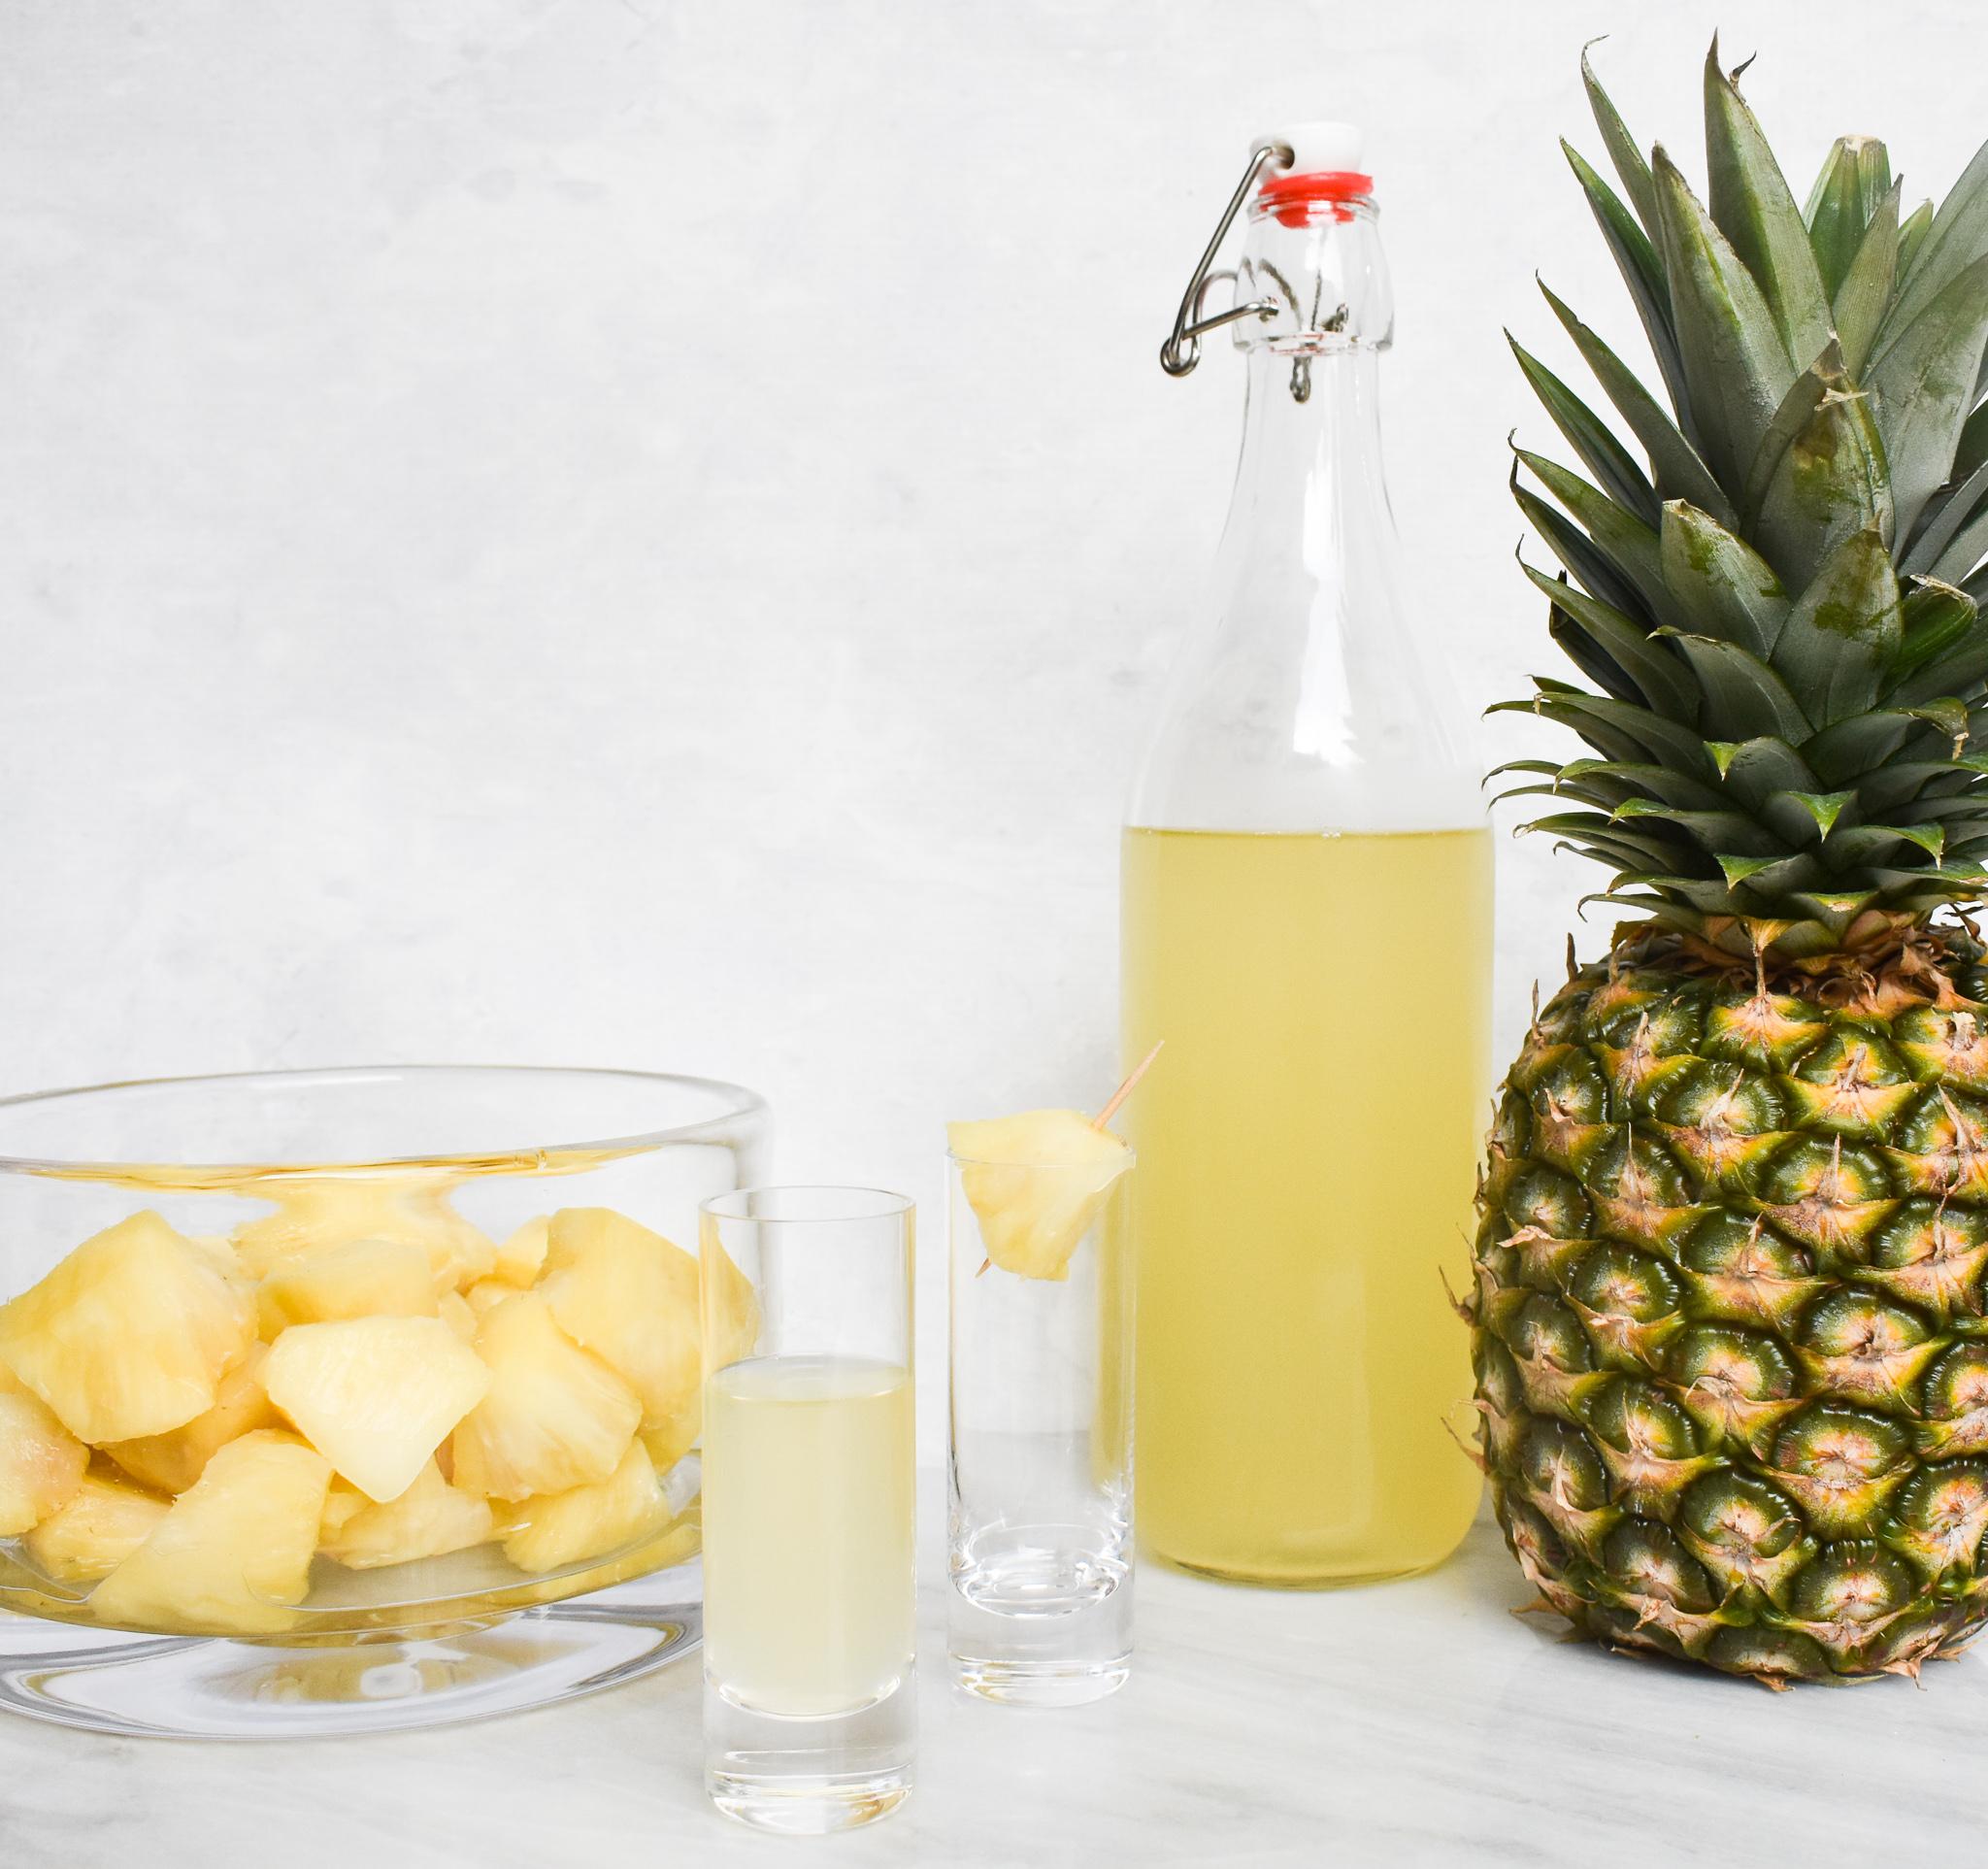 Low-FODMAP Pineapple Infused Vodka Recipe; Gluten-free